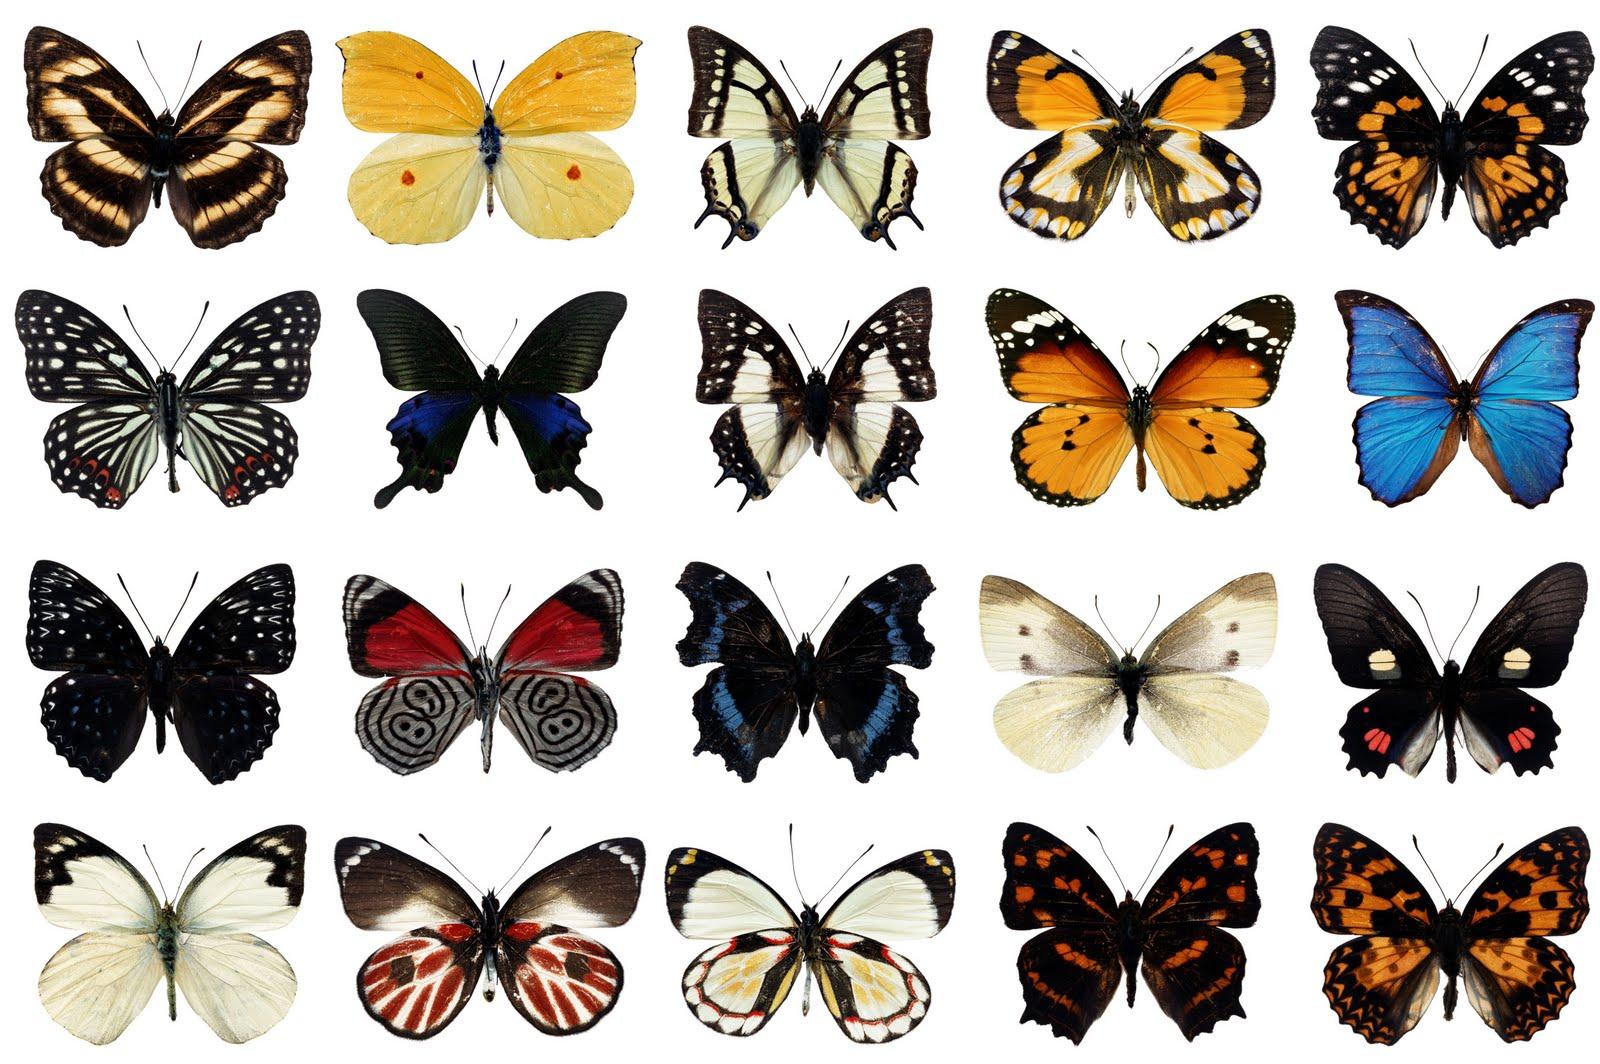 borboletas_etimologia_perisse